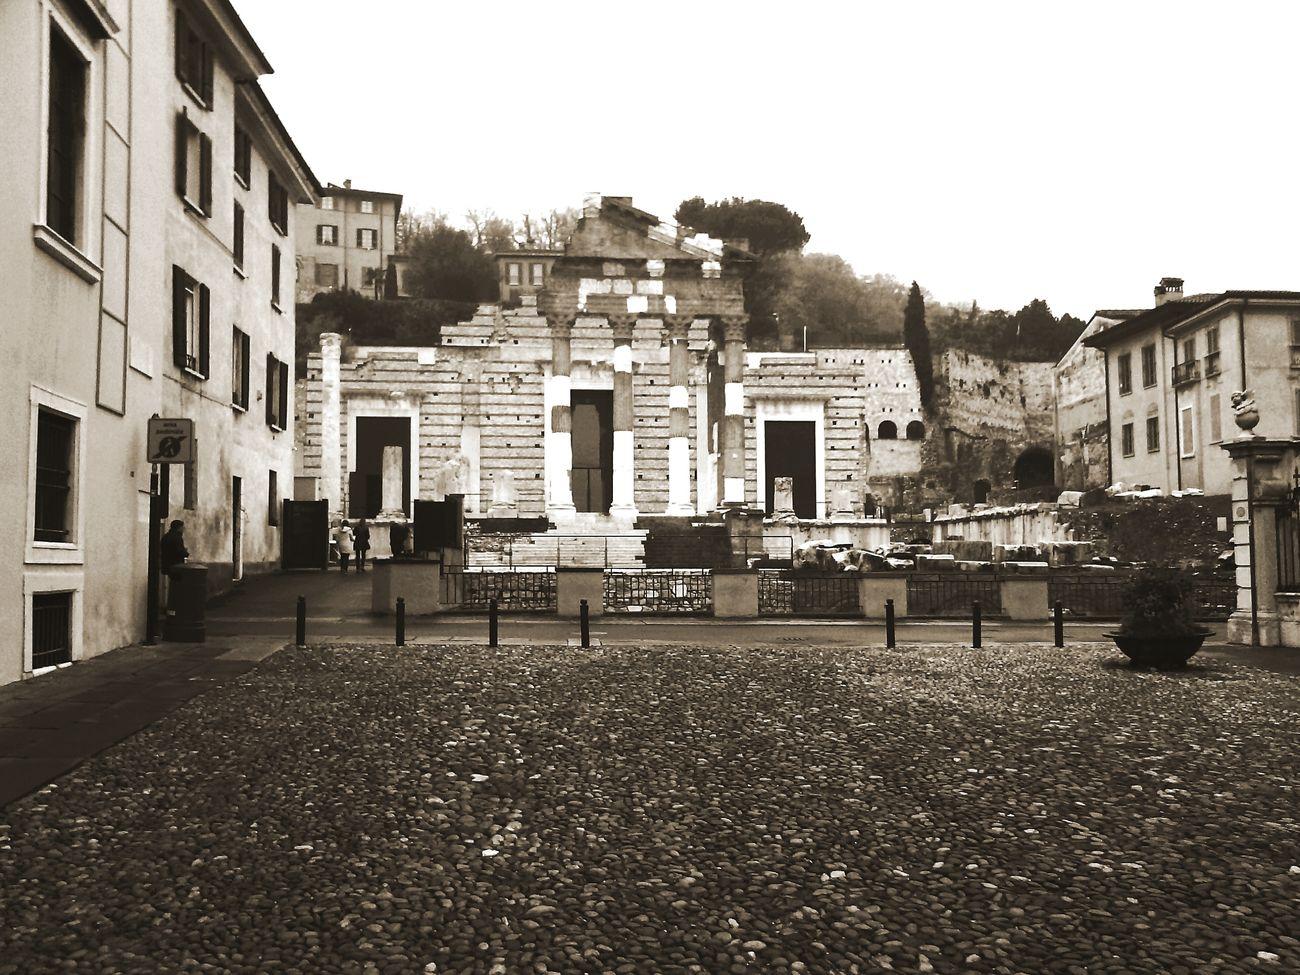 Brescia Italia Italy Foro  Piazzadelforo Santagiulia Brixia Leonessa History Storia Square Piazza Romaní Roma Imperoromano Romanoimpero